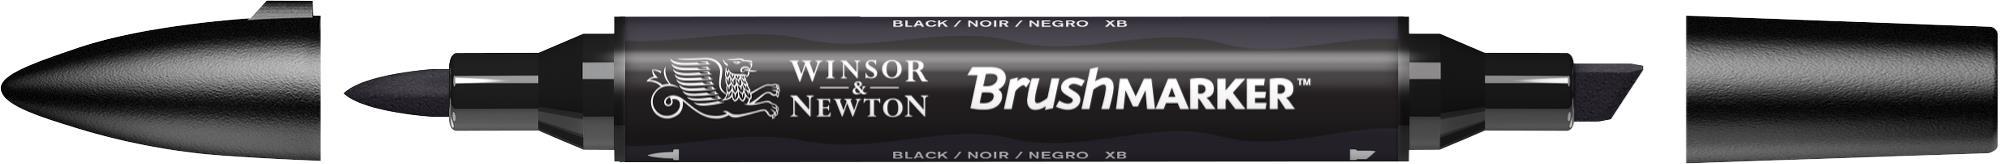 BrushMarker - Stylo pinceau et marqueur - noir